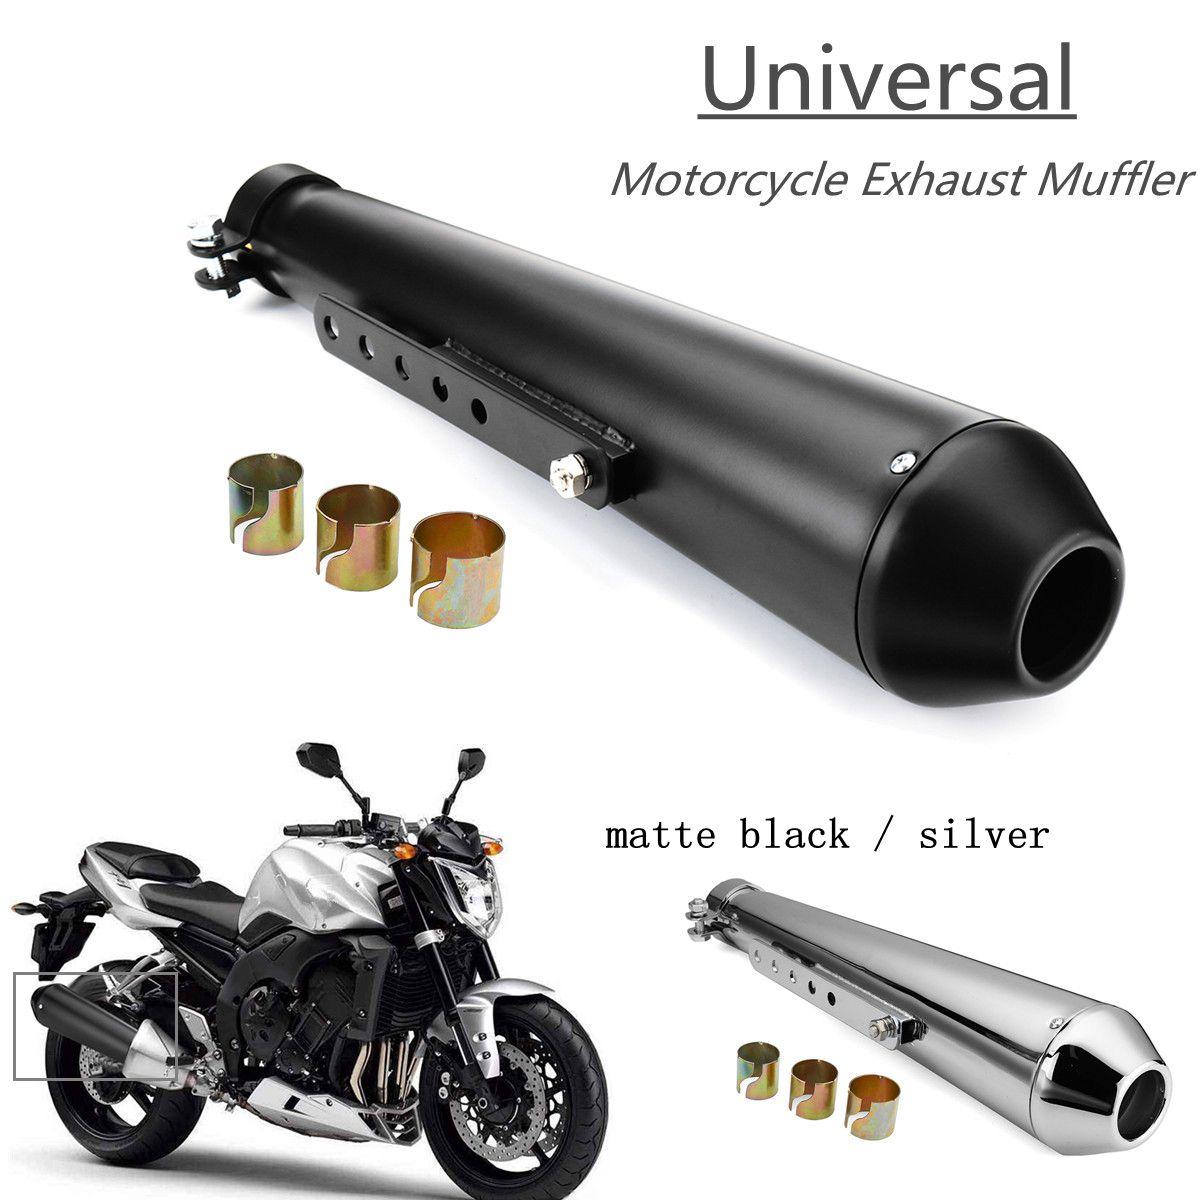 Motocicleta Café Racer tubo de escape con soporte deslizante mate negro plata Universal